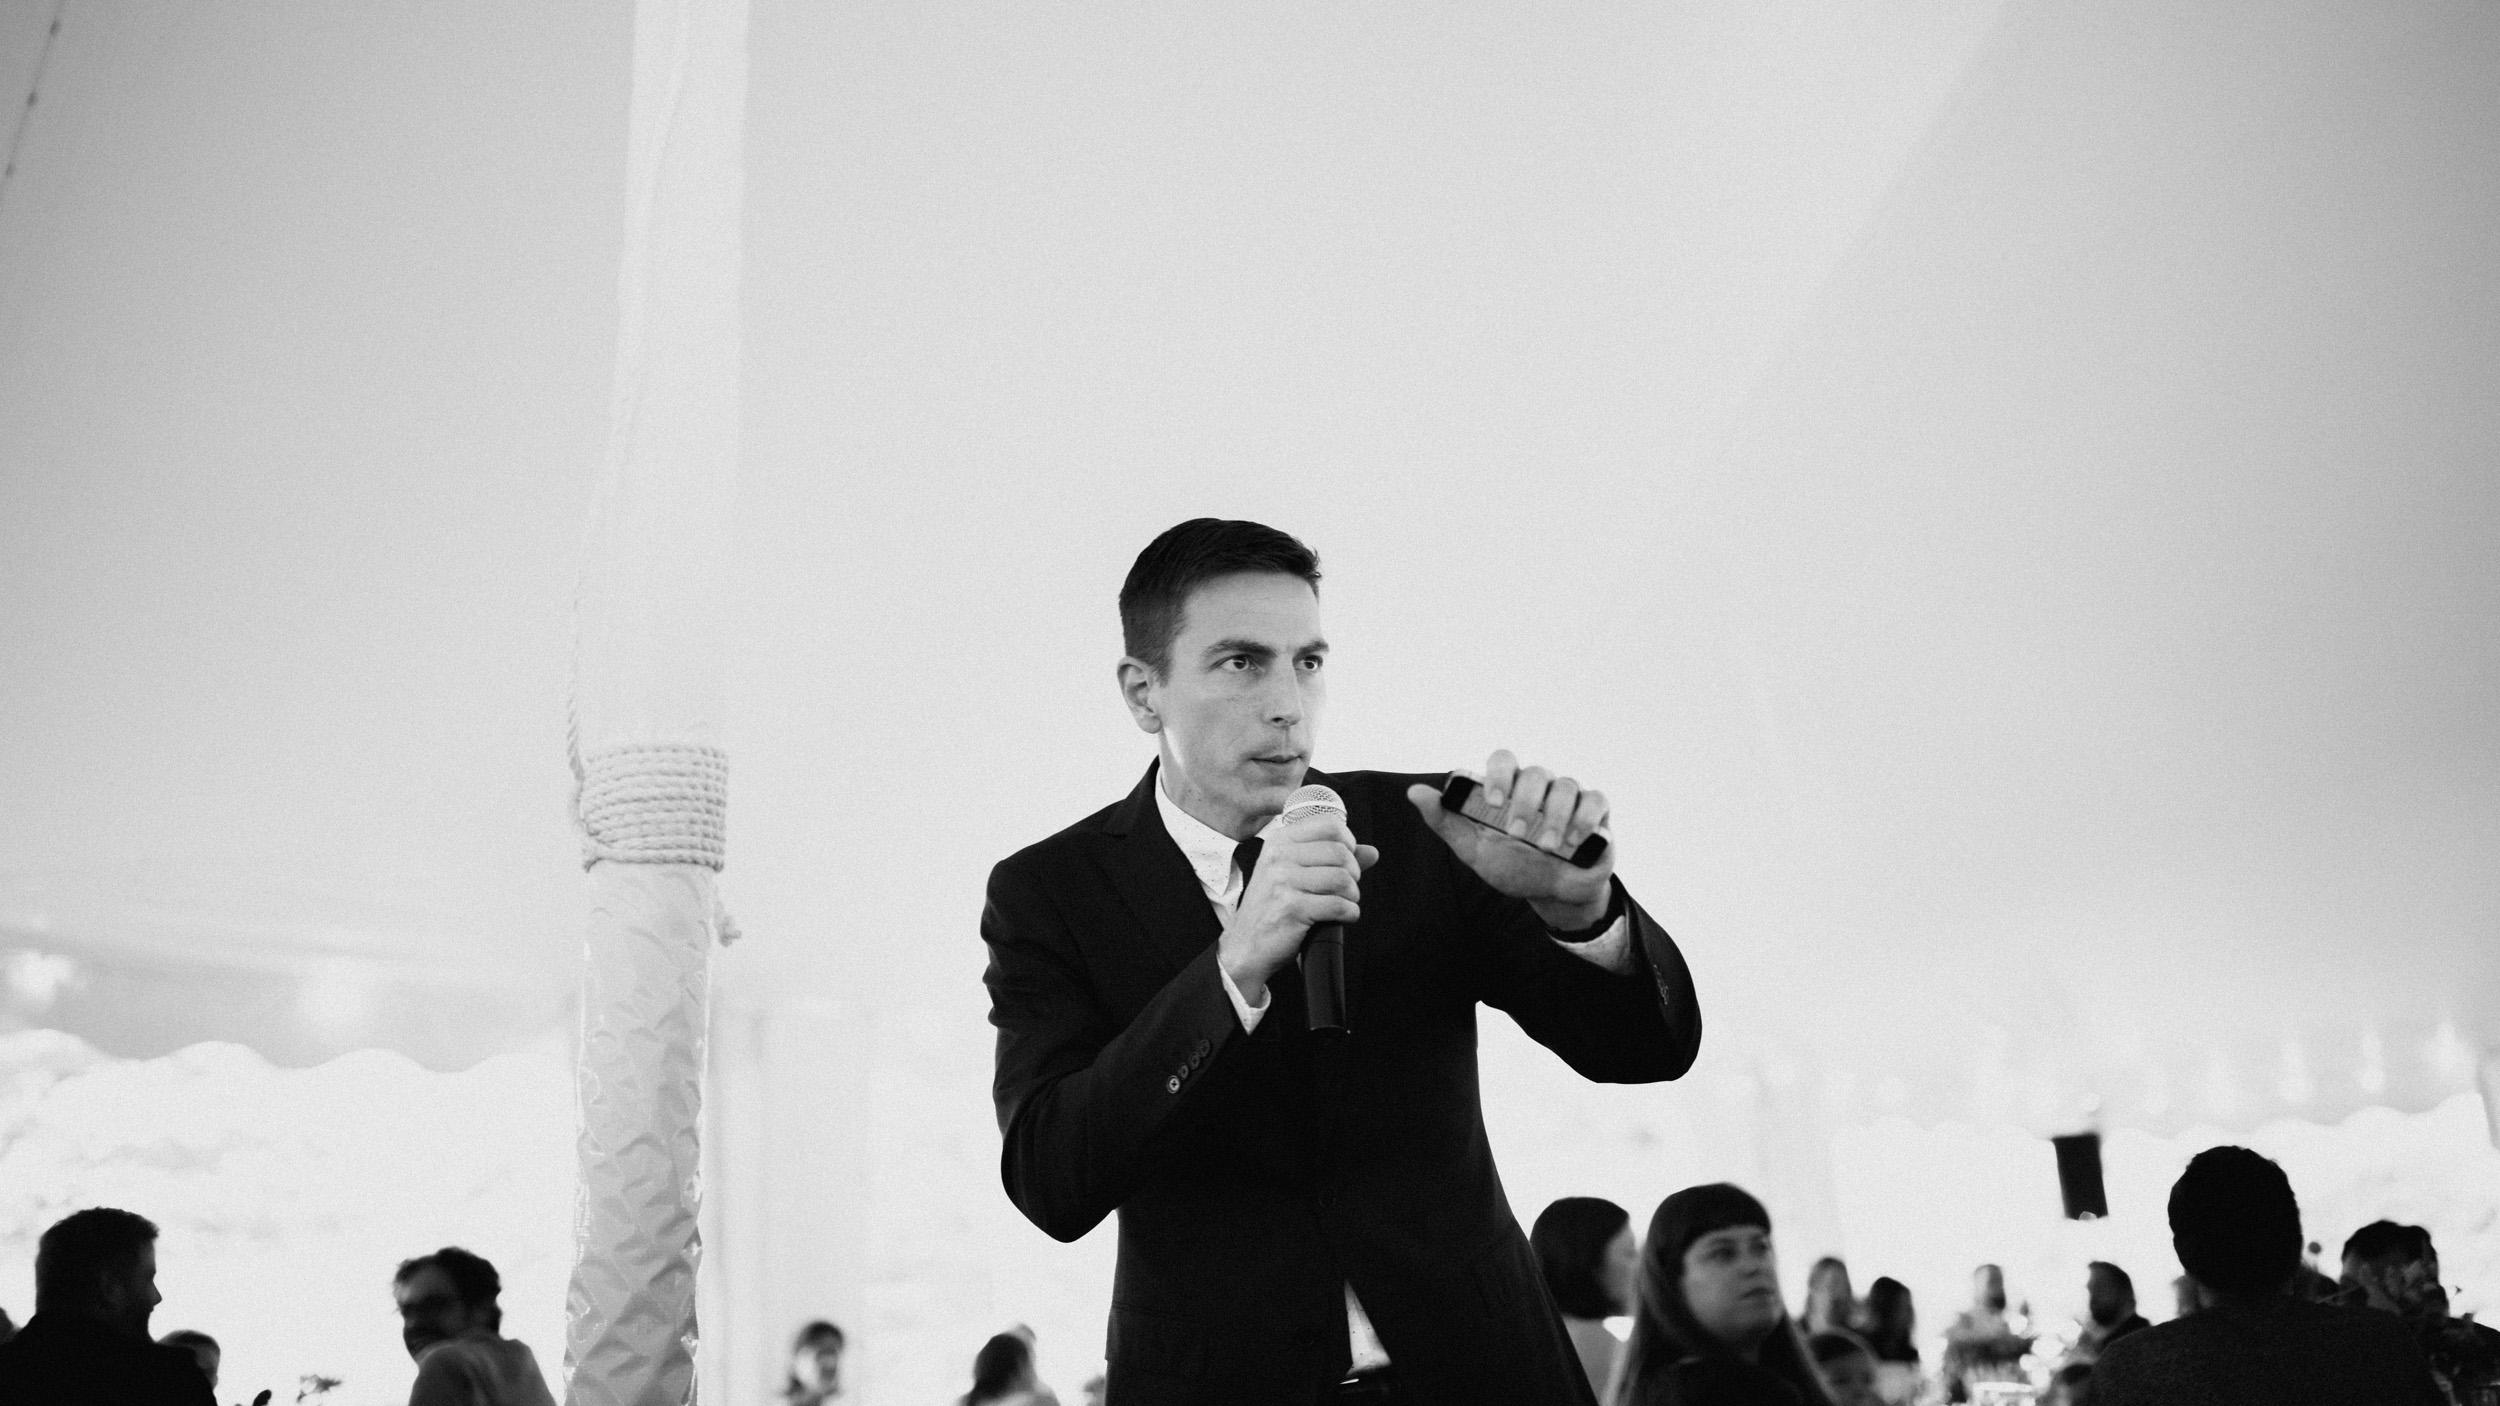 alec_vanderboom_vermont_wedding_photography-0113.jpg